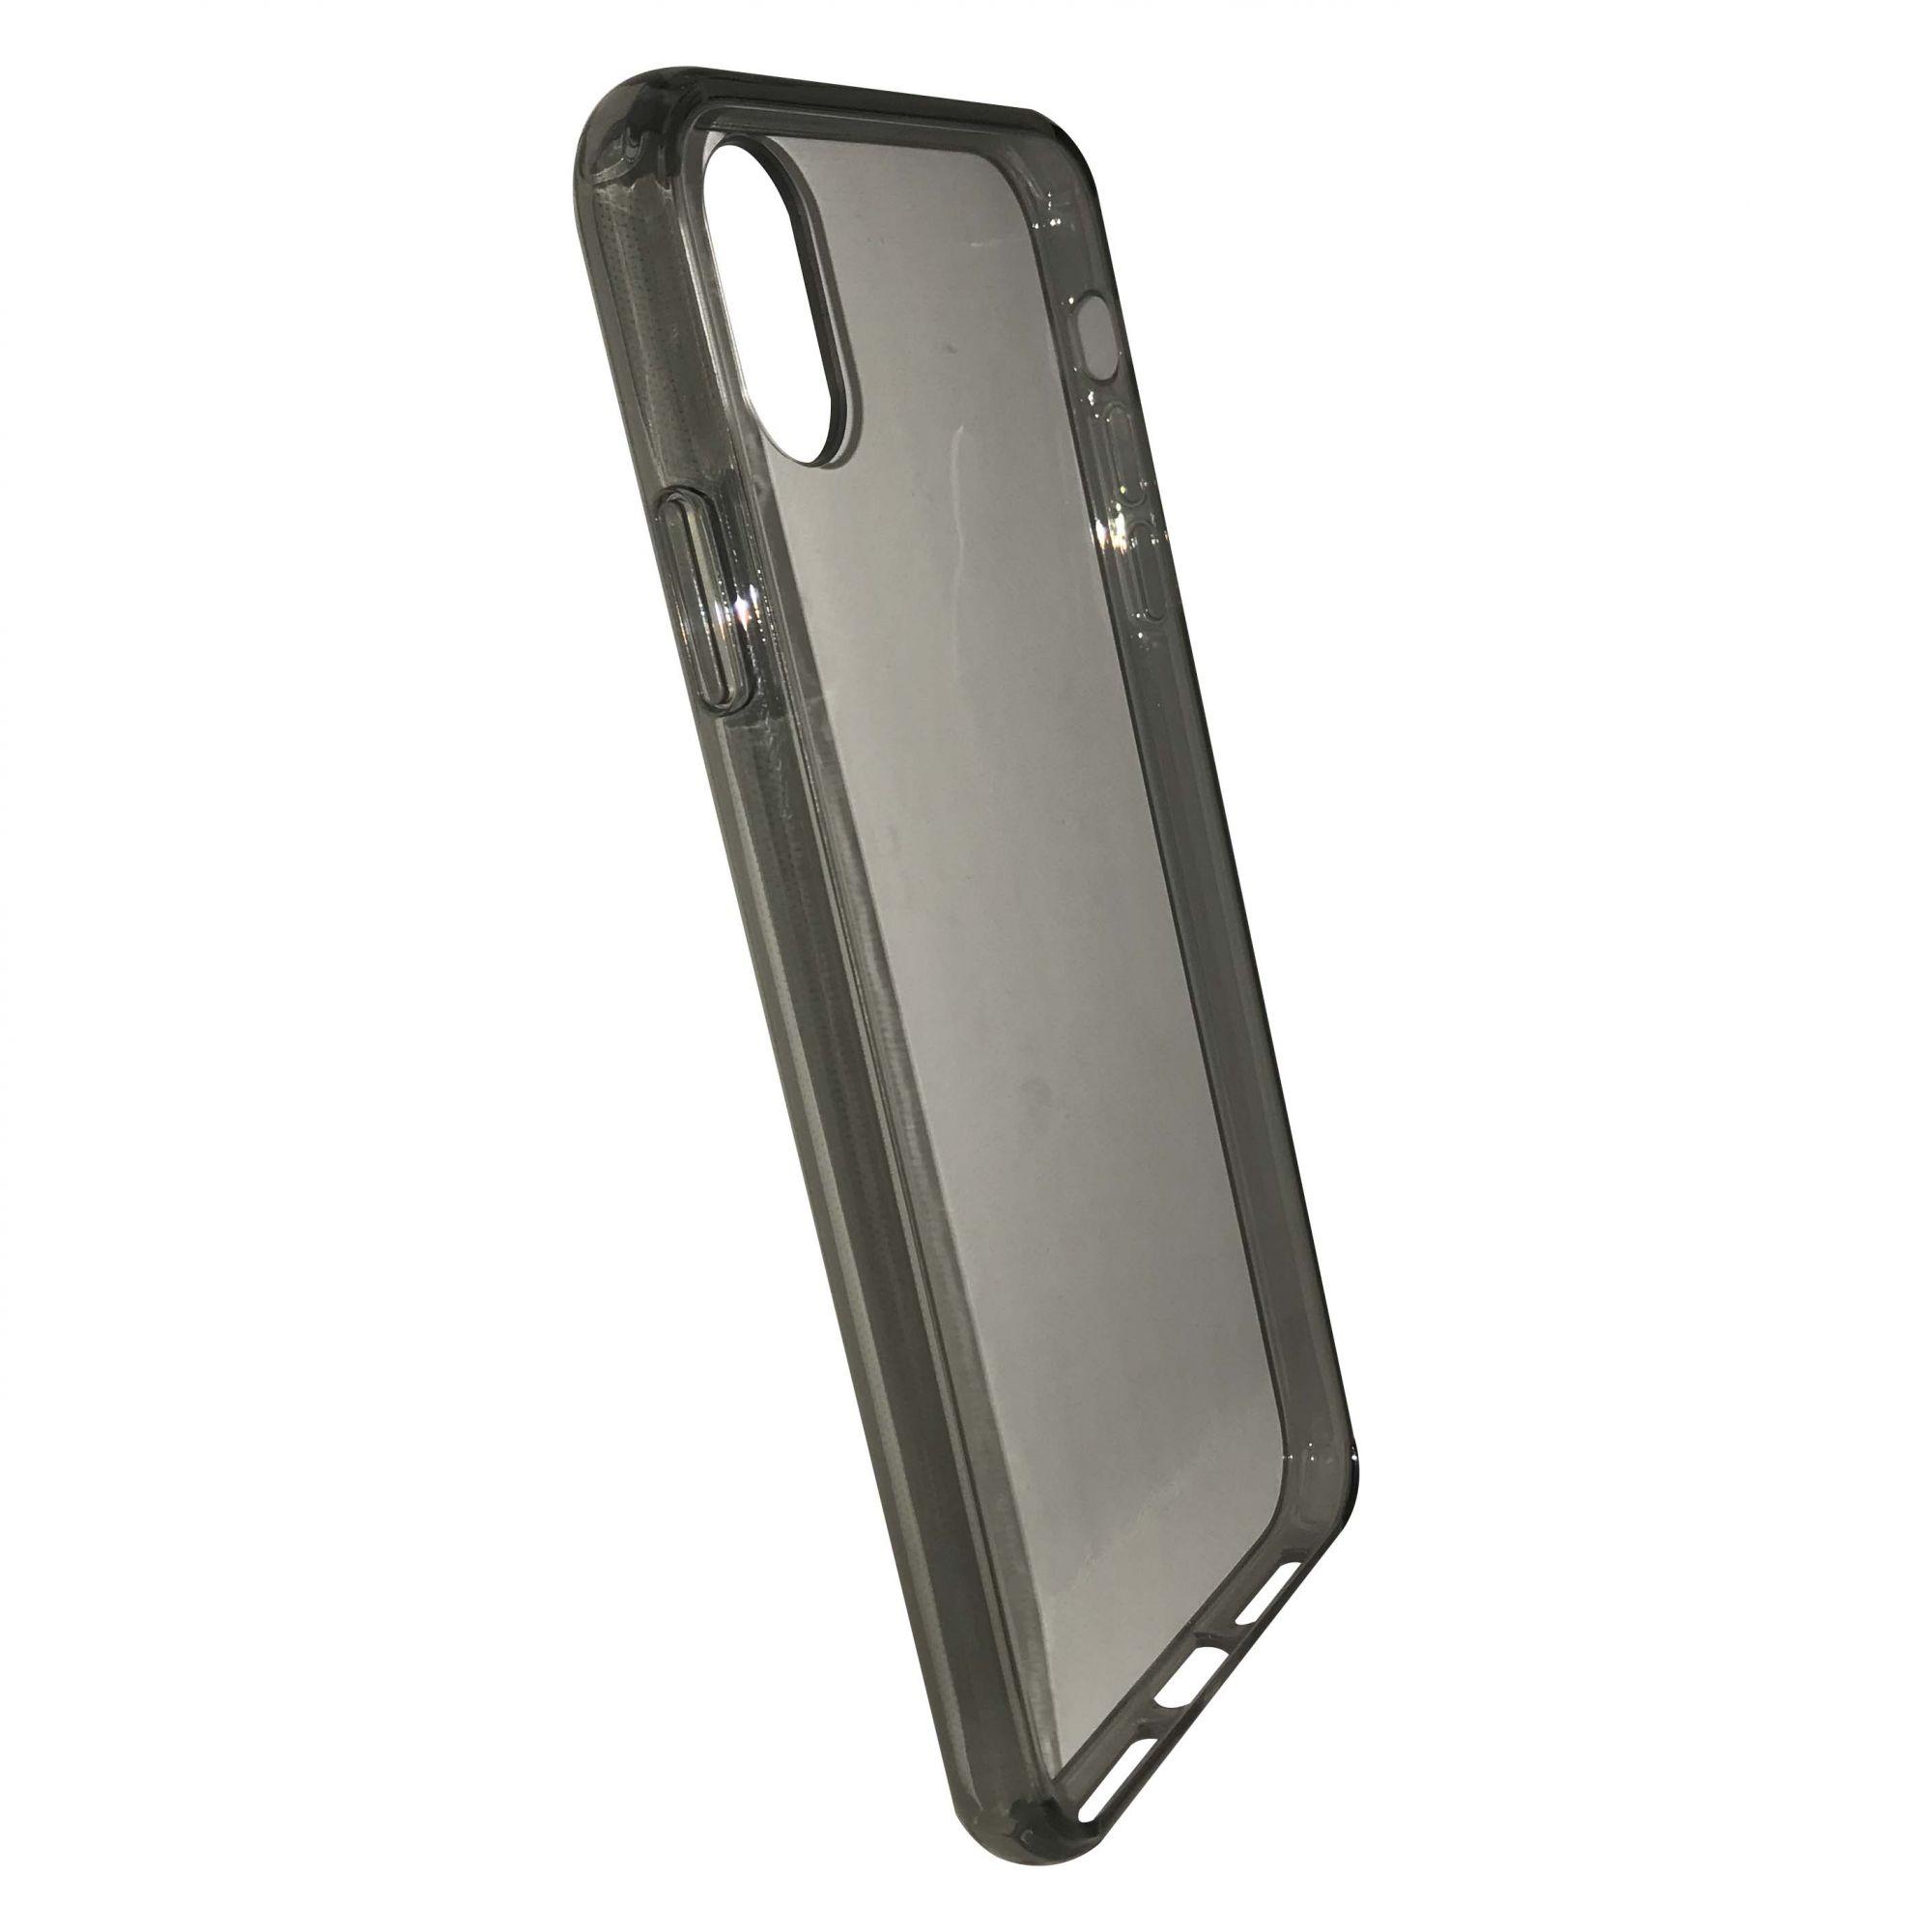 Capa iKase Krystal iPhone XR - Fumê